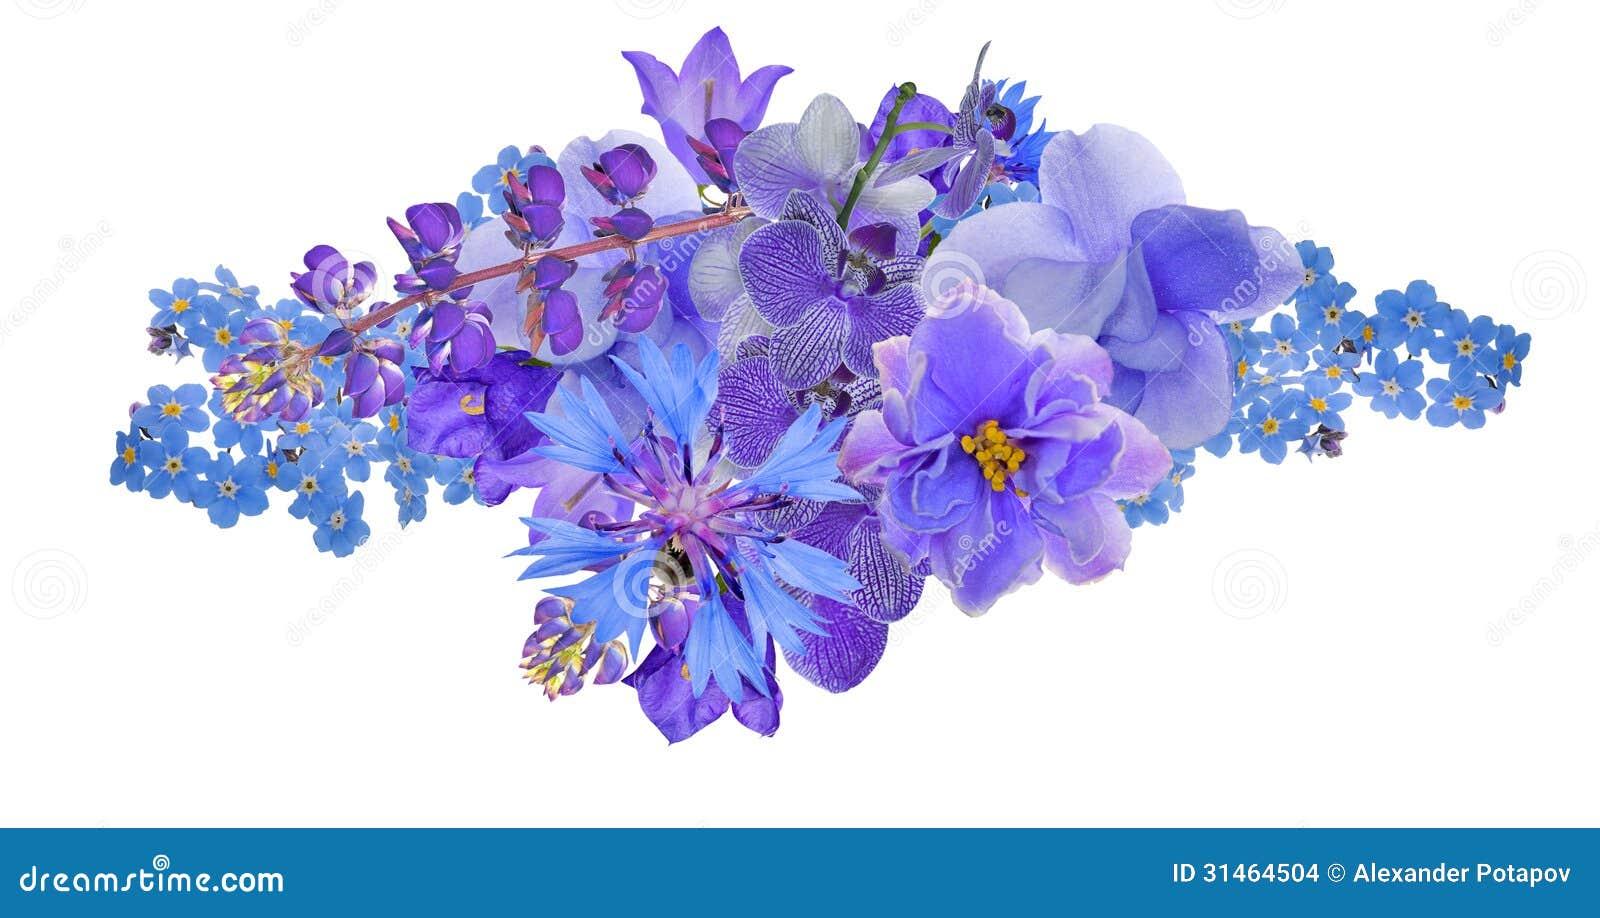 Mazzo Di Fiori Blu.Mazzo Di Fiori Blu Isolati Su Bianco Fotografia Stock Immagine